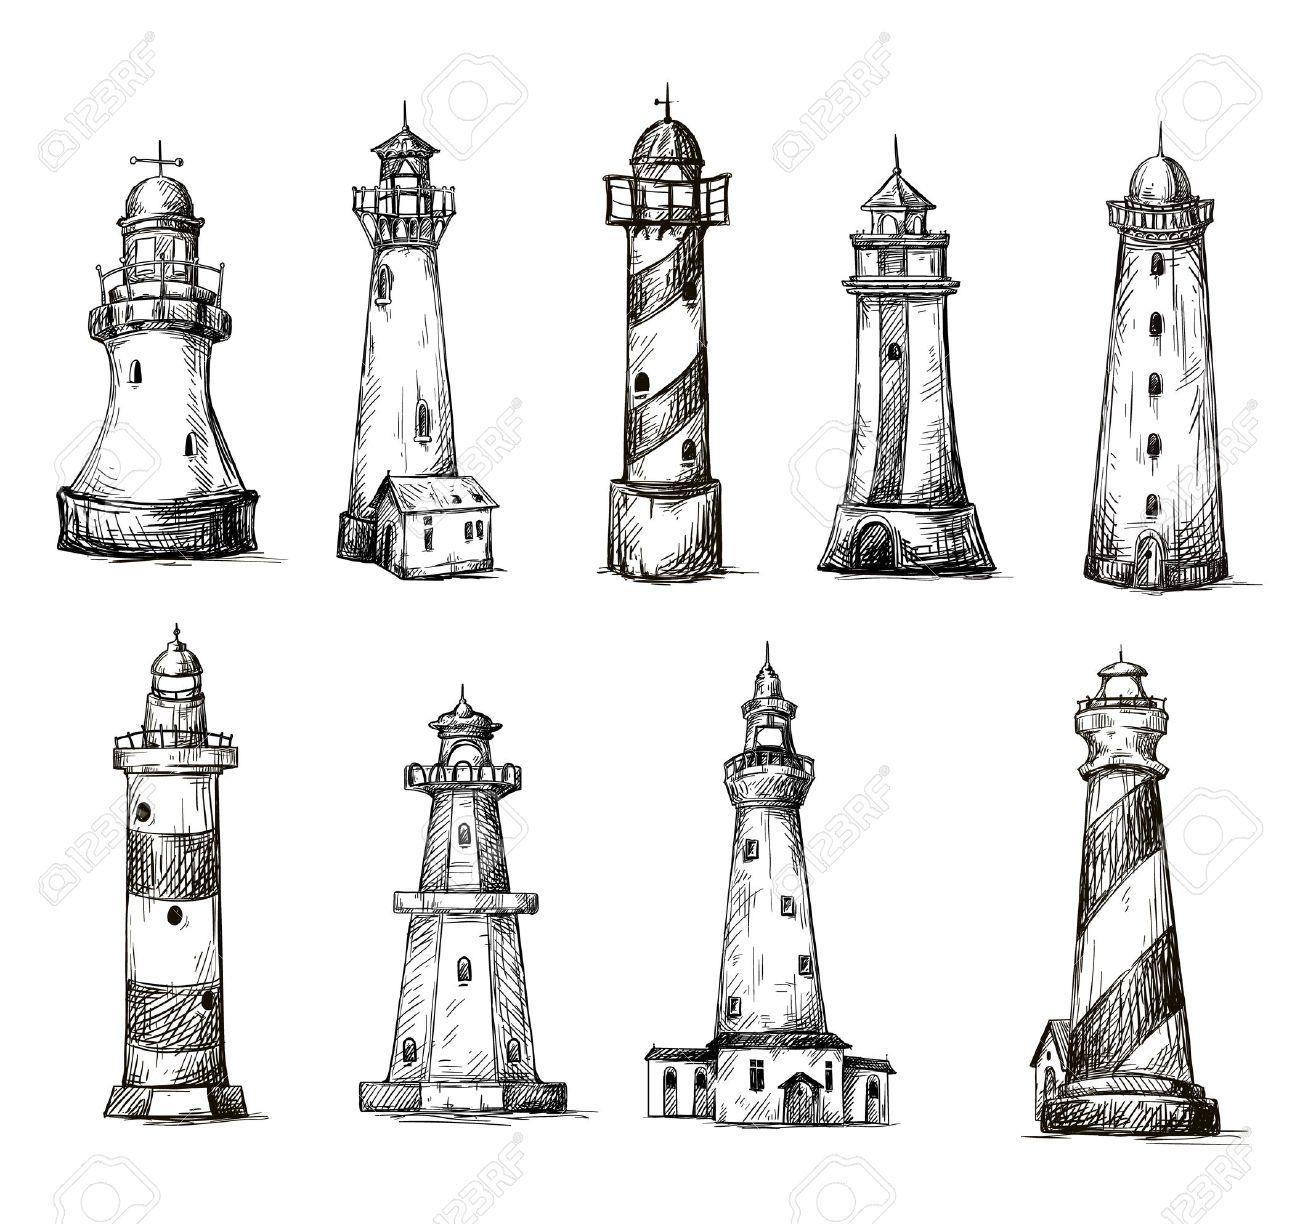 Resultado De Imagen Para Dibujos De Faros Faro Dibujo Tatuajes De Faro Tatuajes Sencillos Para Chicos